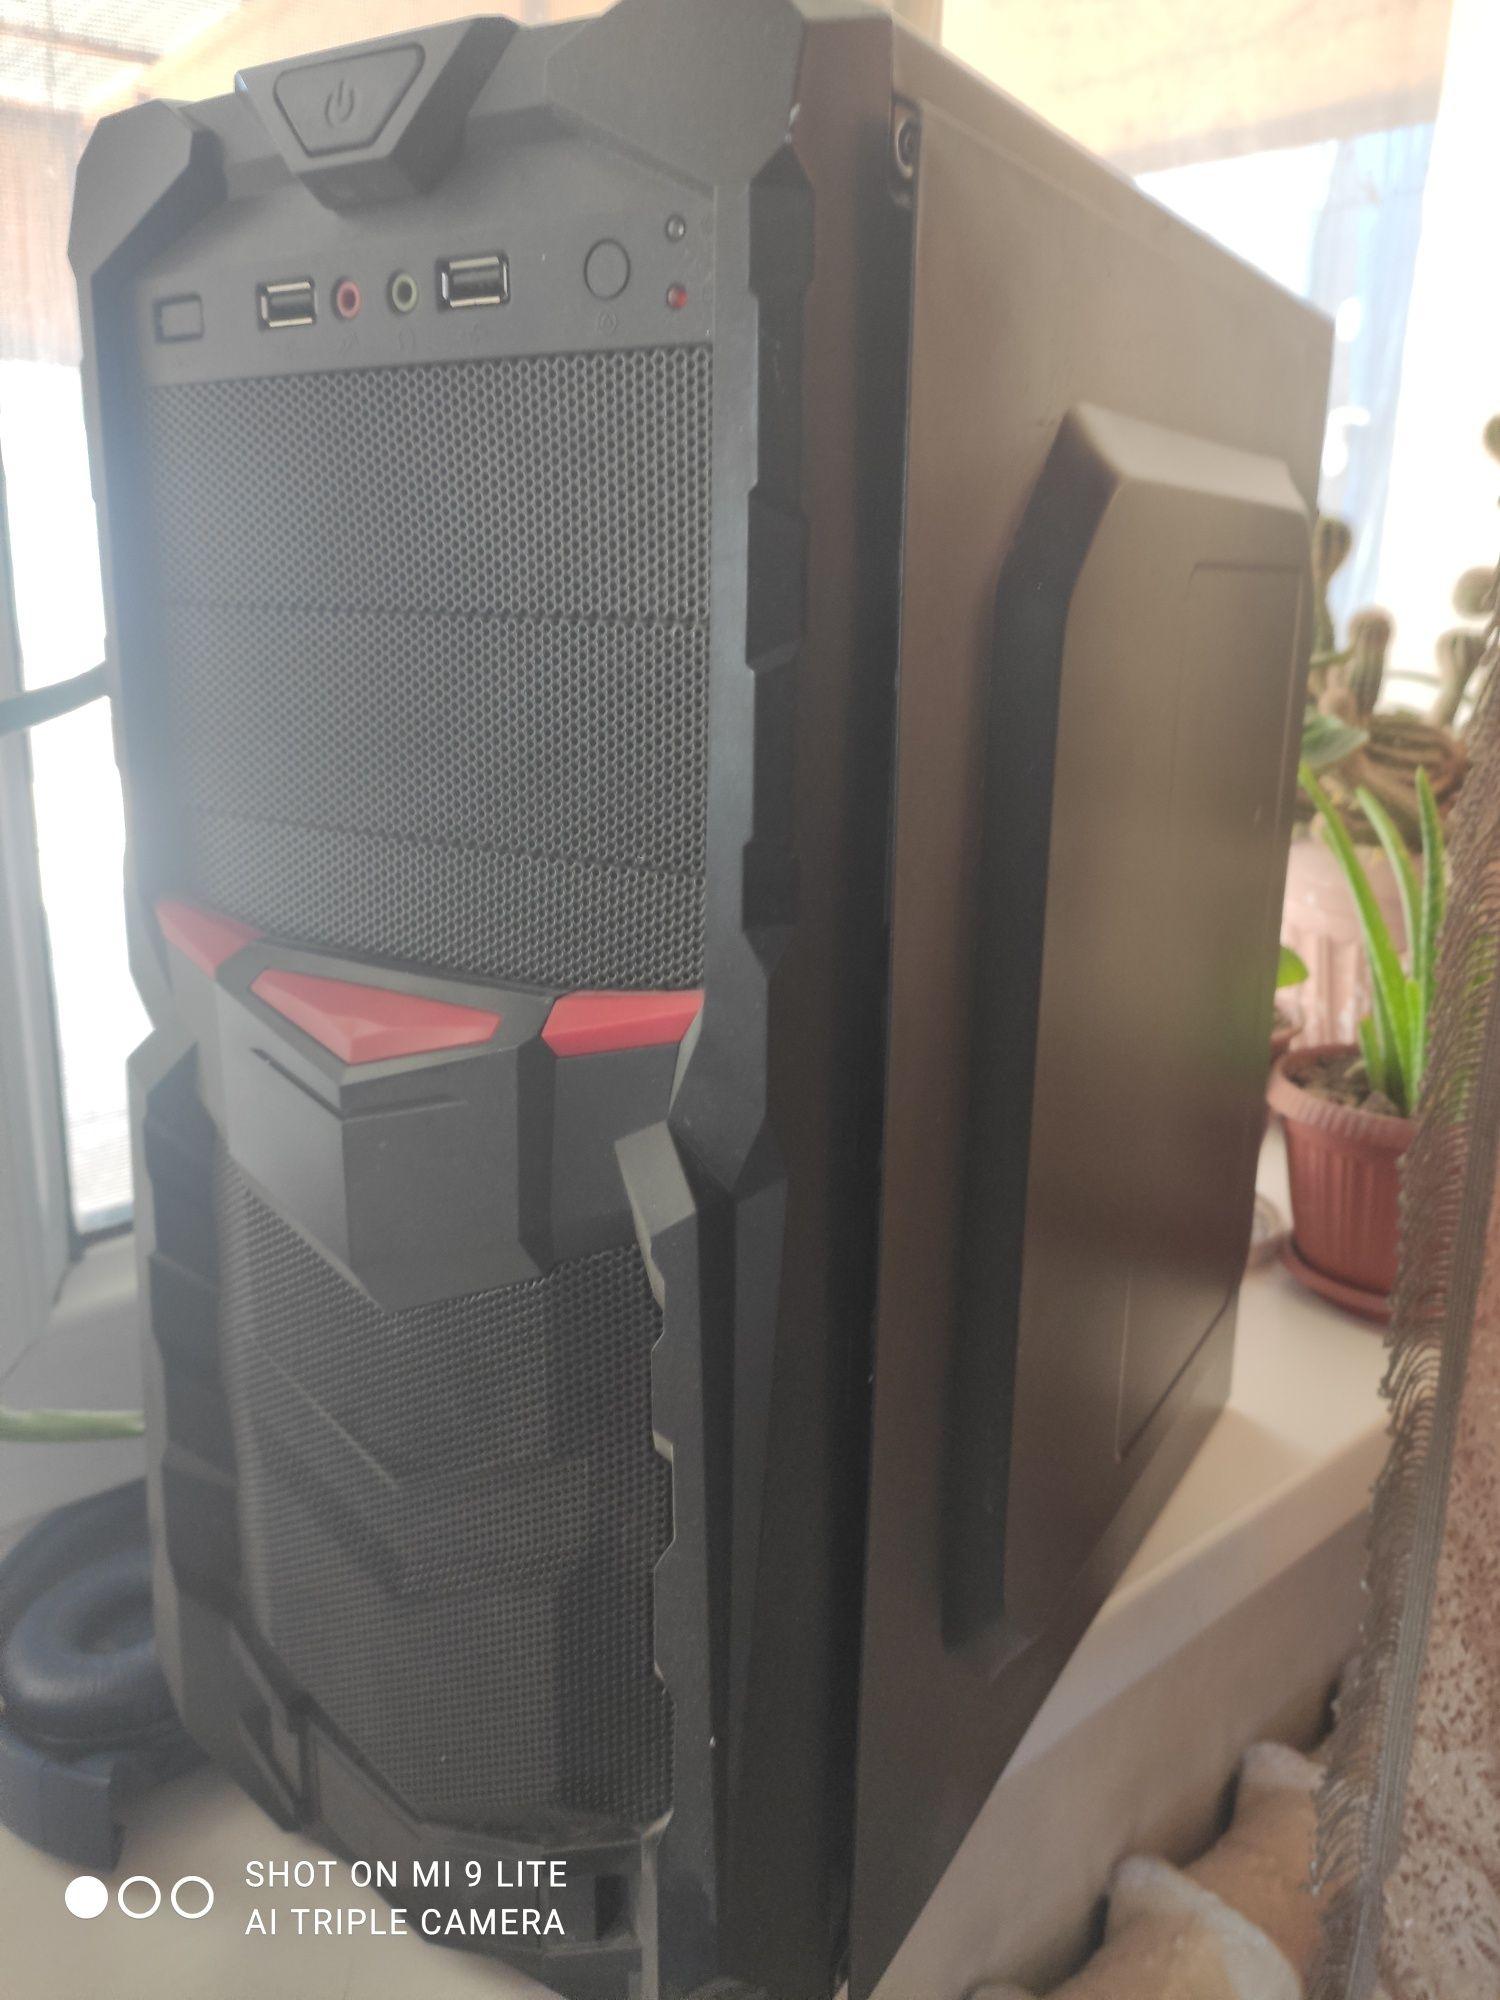 Корпус компьютера 5000 тг